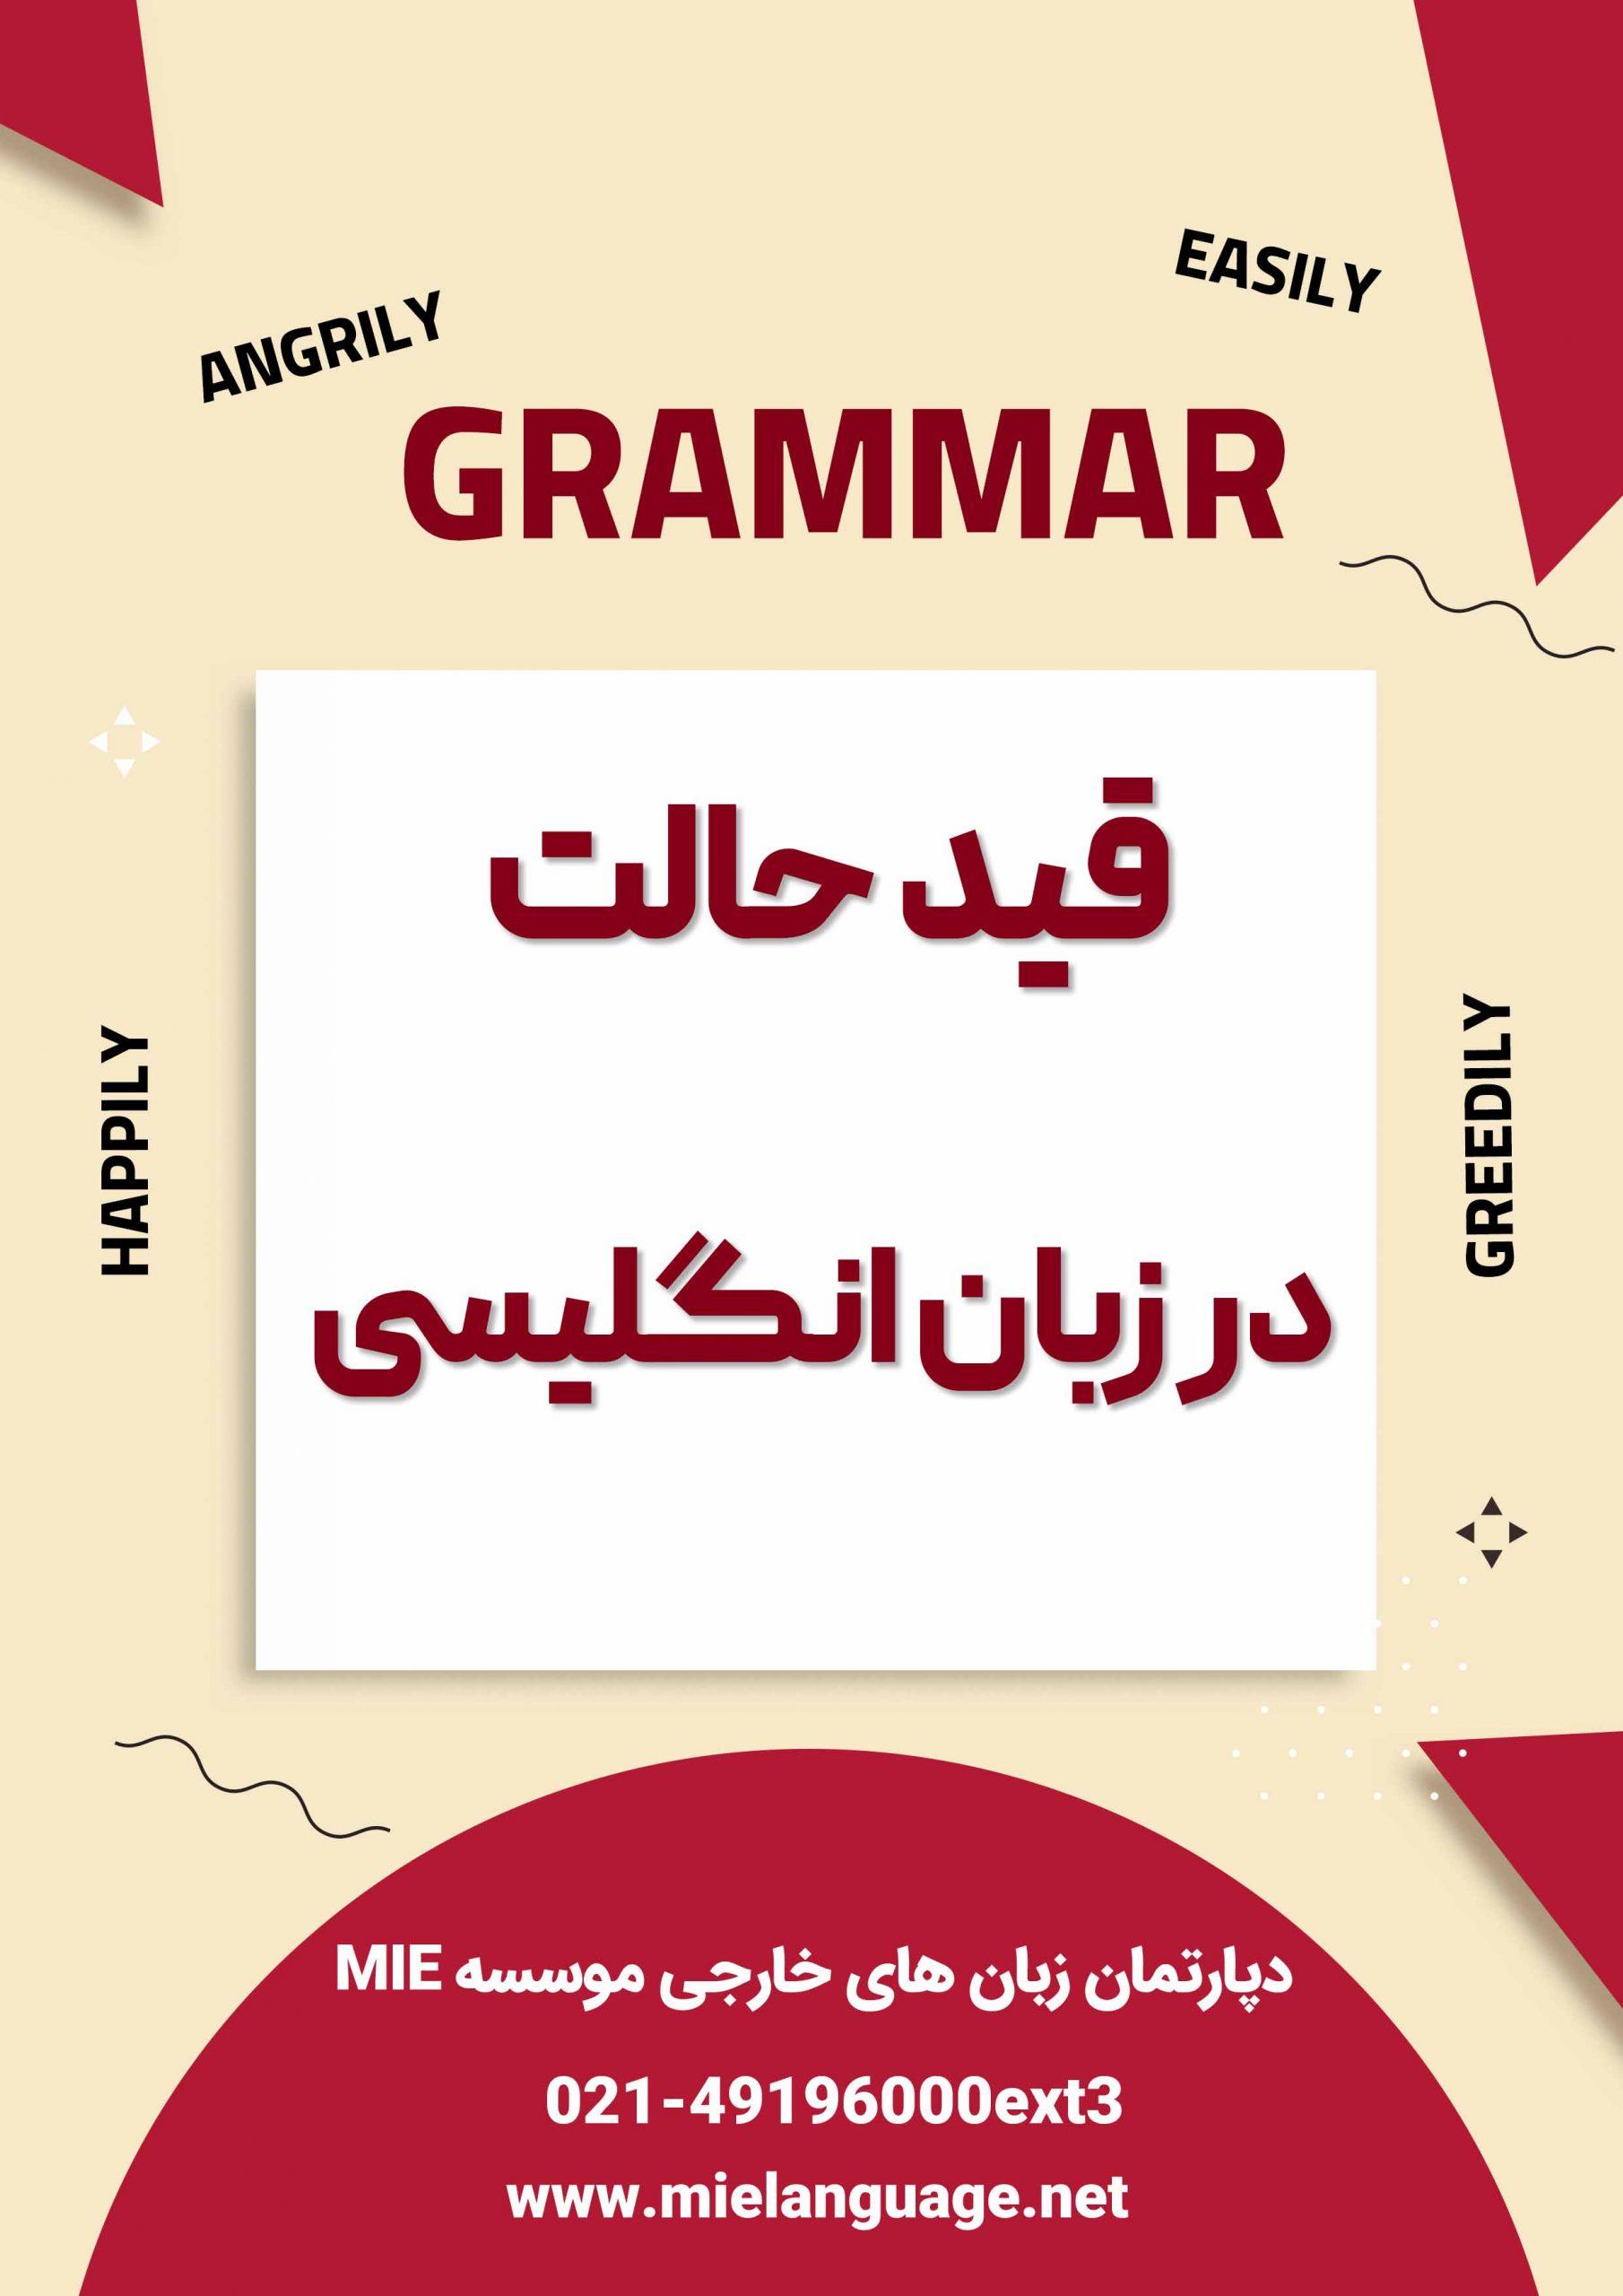 ساده ترین روش یادگیری قید زمان در انگلیسی